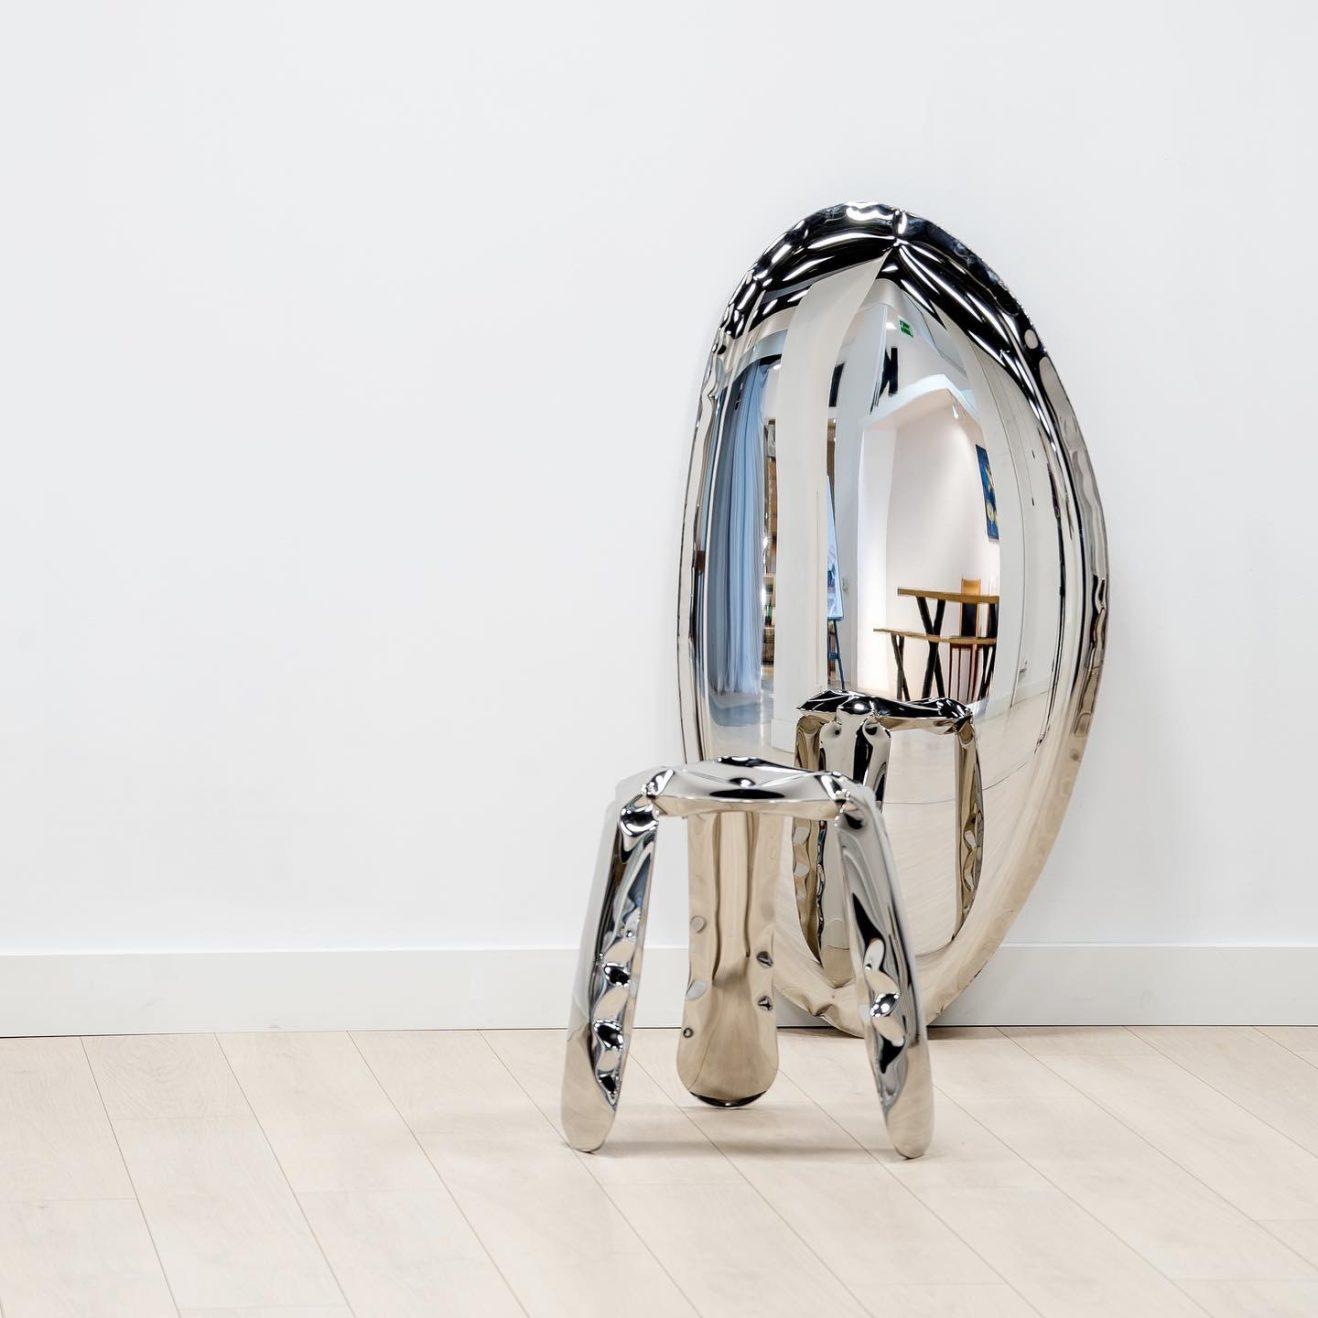 Zieta Prozessdesign Tafla mirror d